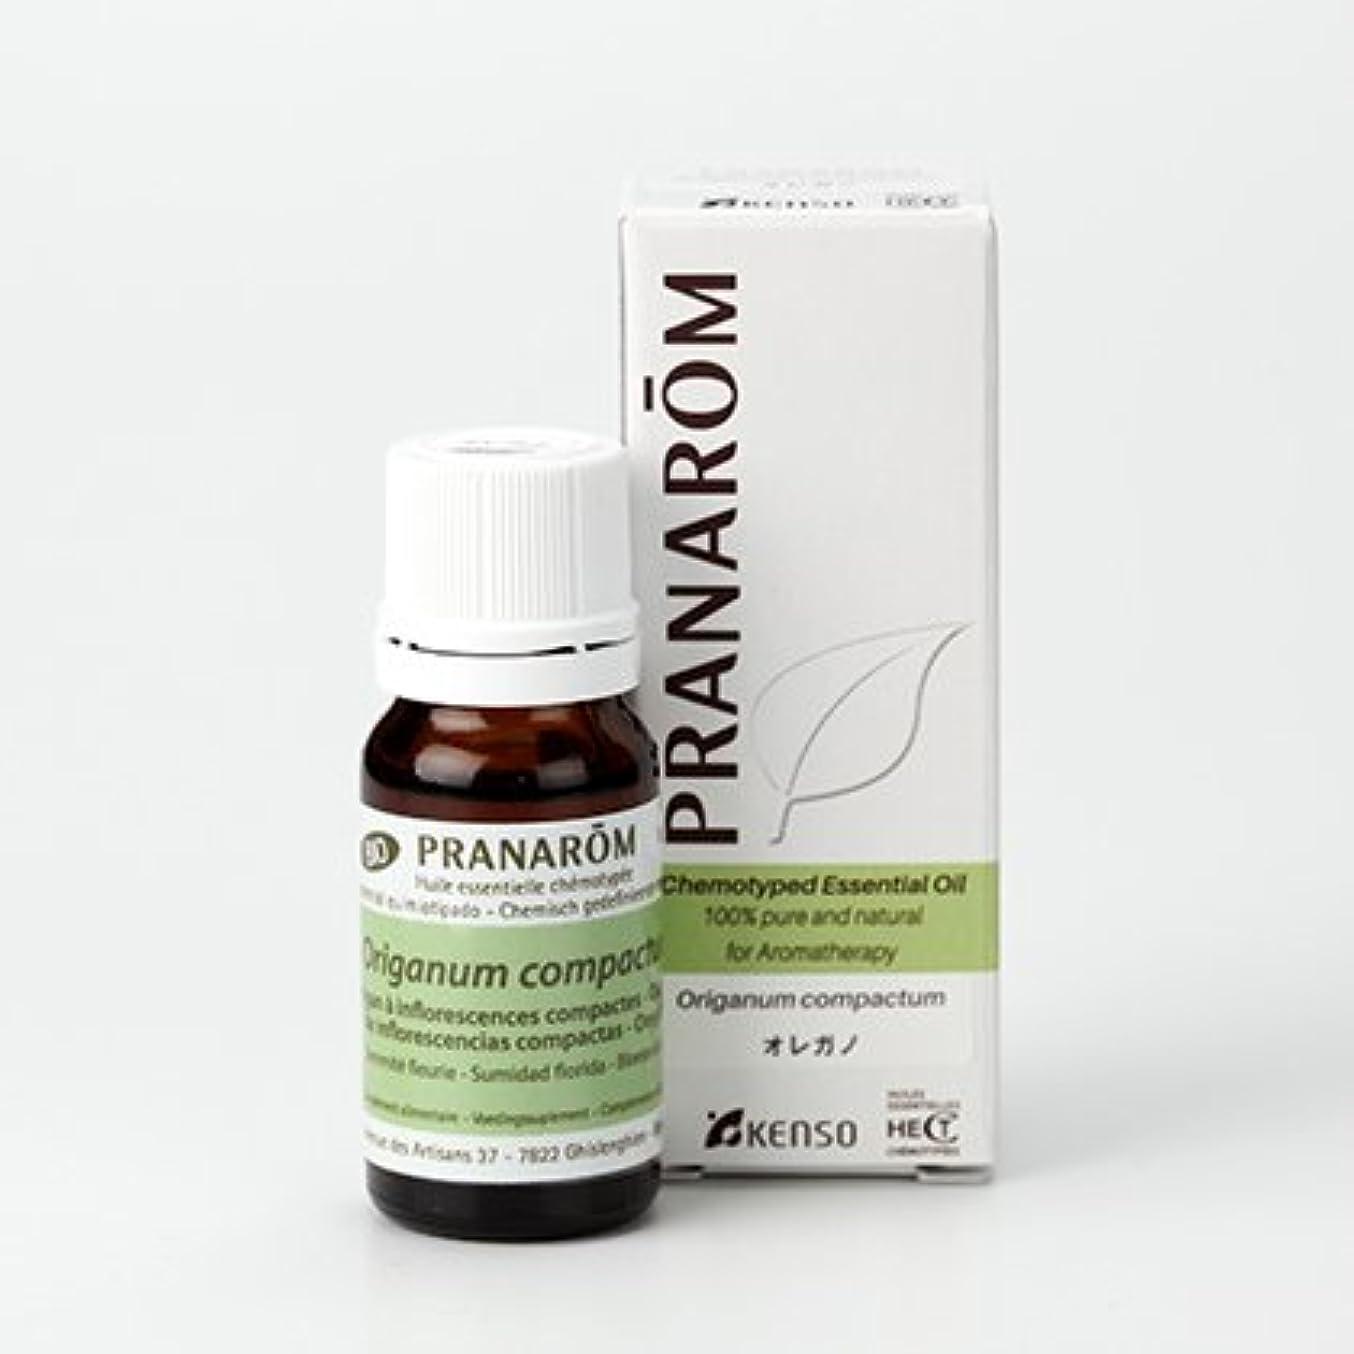 オレガノ 10mlミドルノート プラナロム社エッセンシャルオイル(精油)